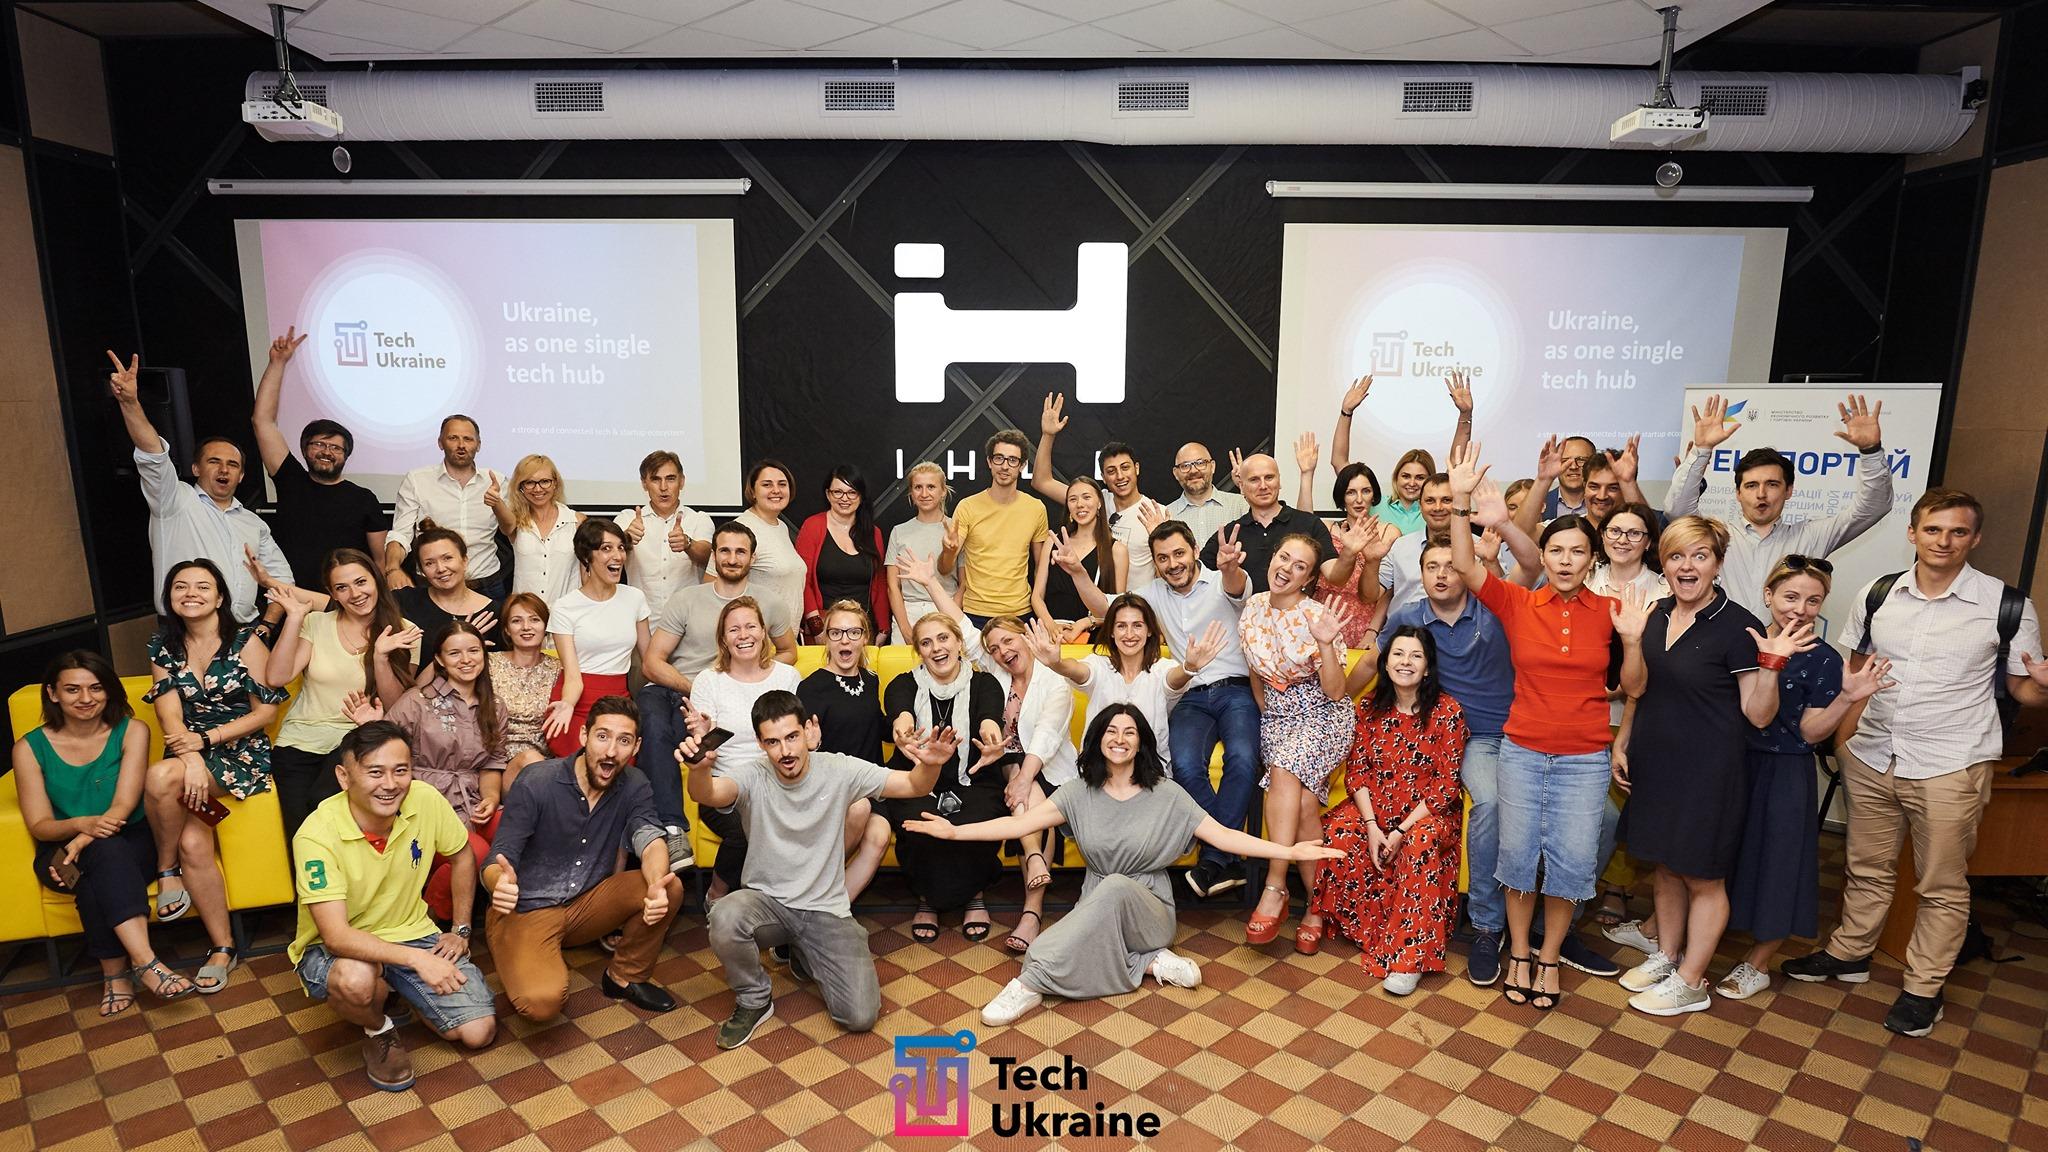 👨💻 В Україні запустили TechUkraine – платформа обміну знаннями про стартап екосистеми